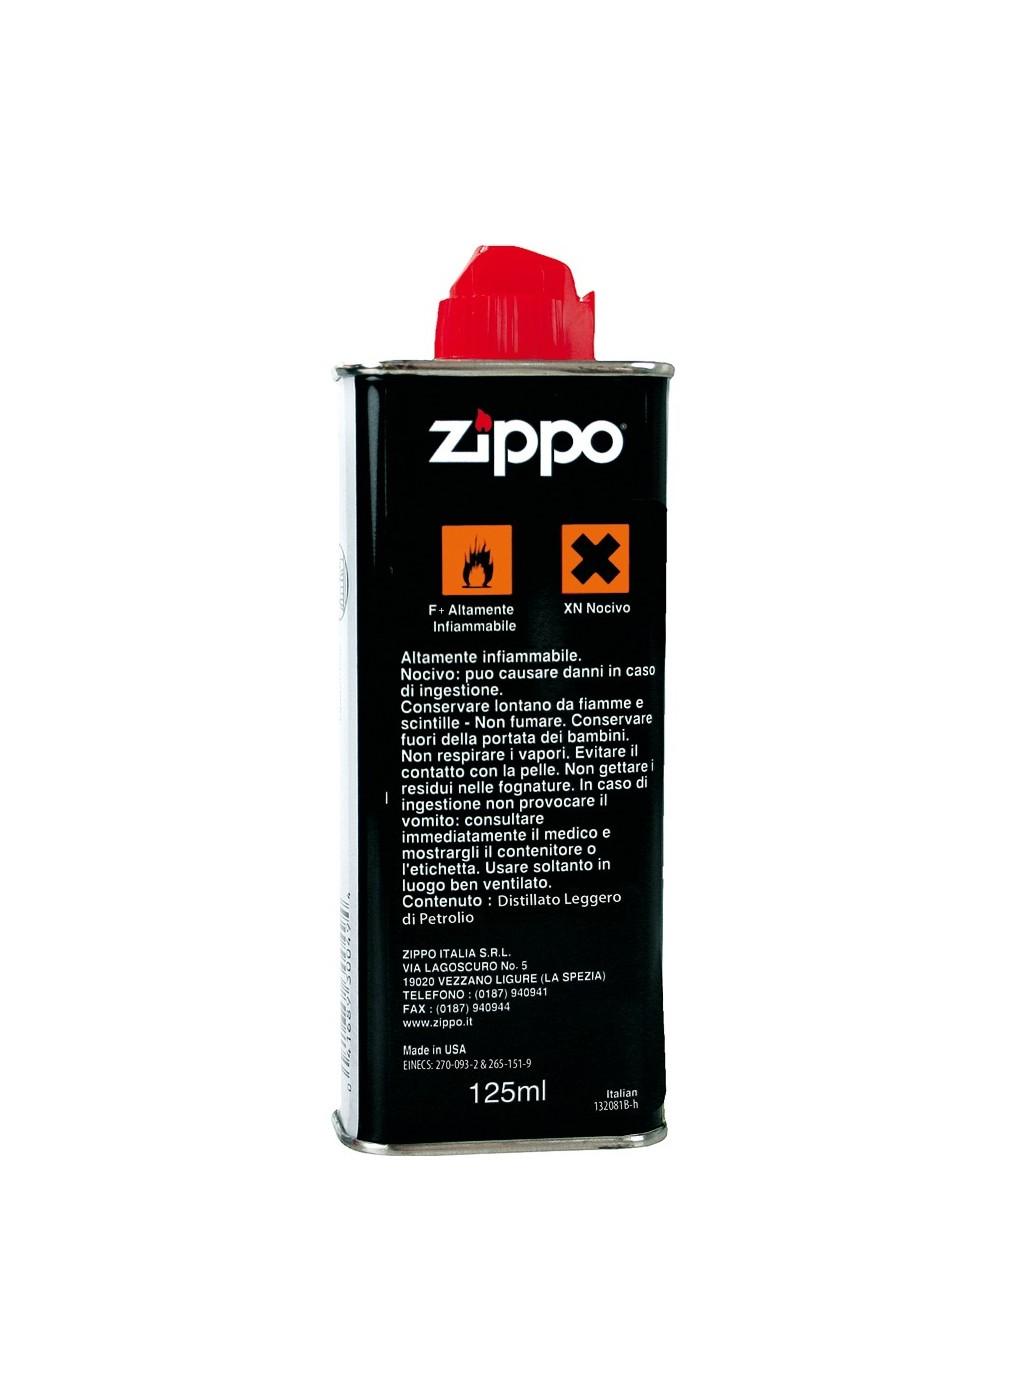 Zippo - Benzina Originale - Tabaccheria Corti Lecco - Online Shop